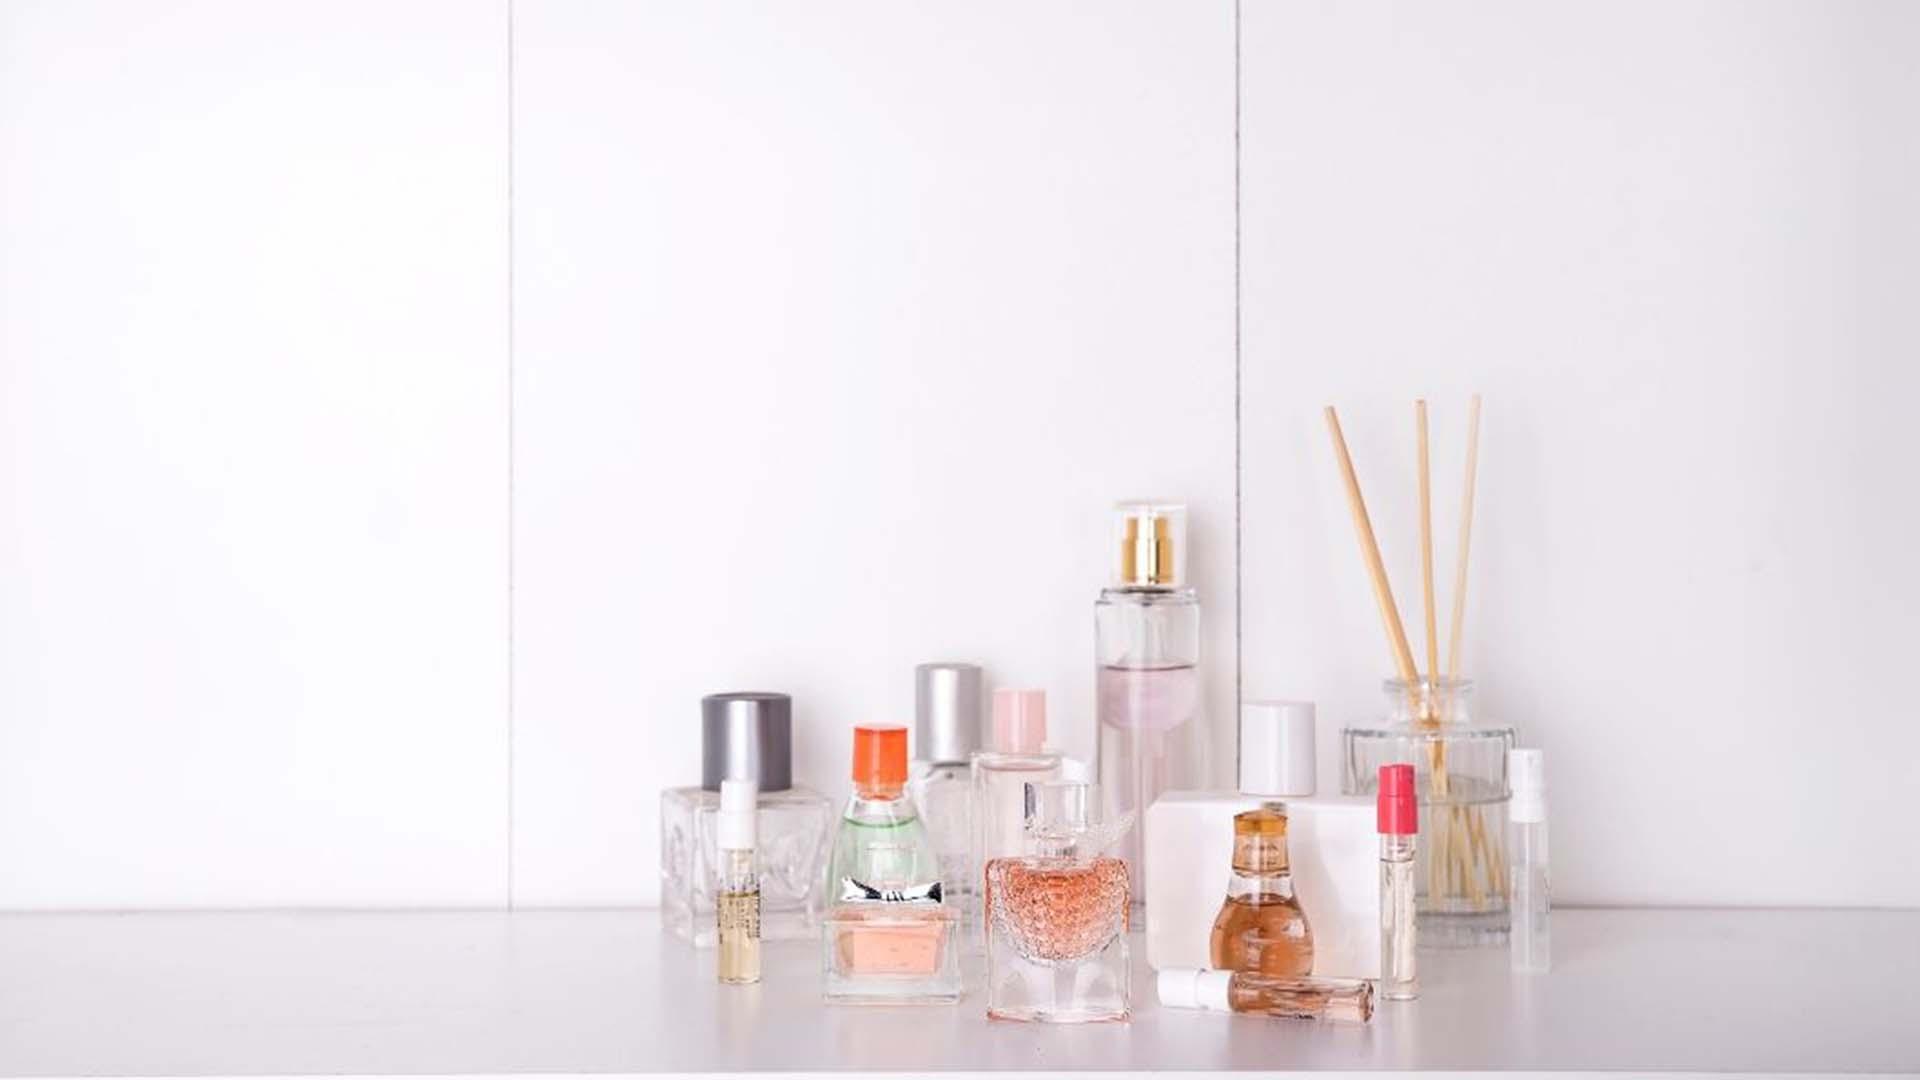 Profumi equivalenti: le imitazioni più simili alle fragranze originali e i più venduti di questi ultimi anni